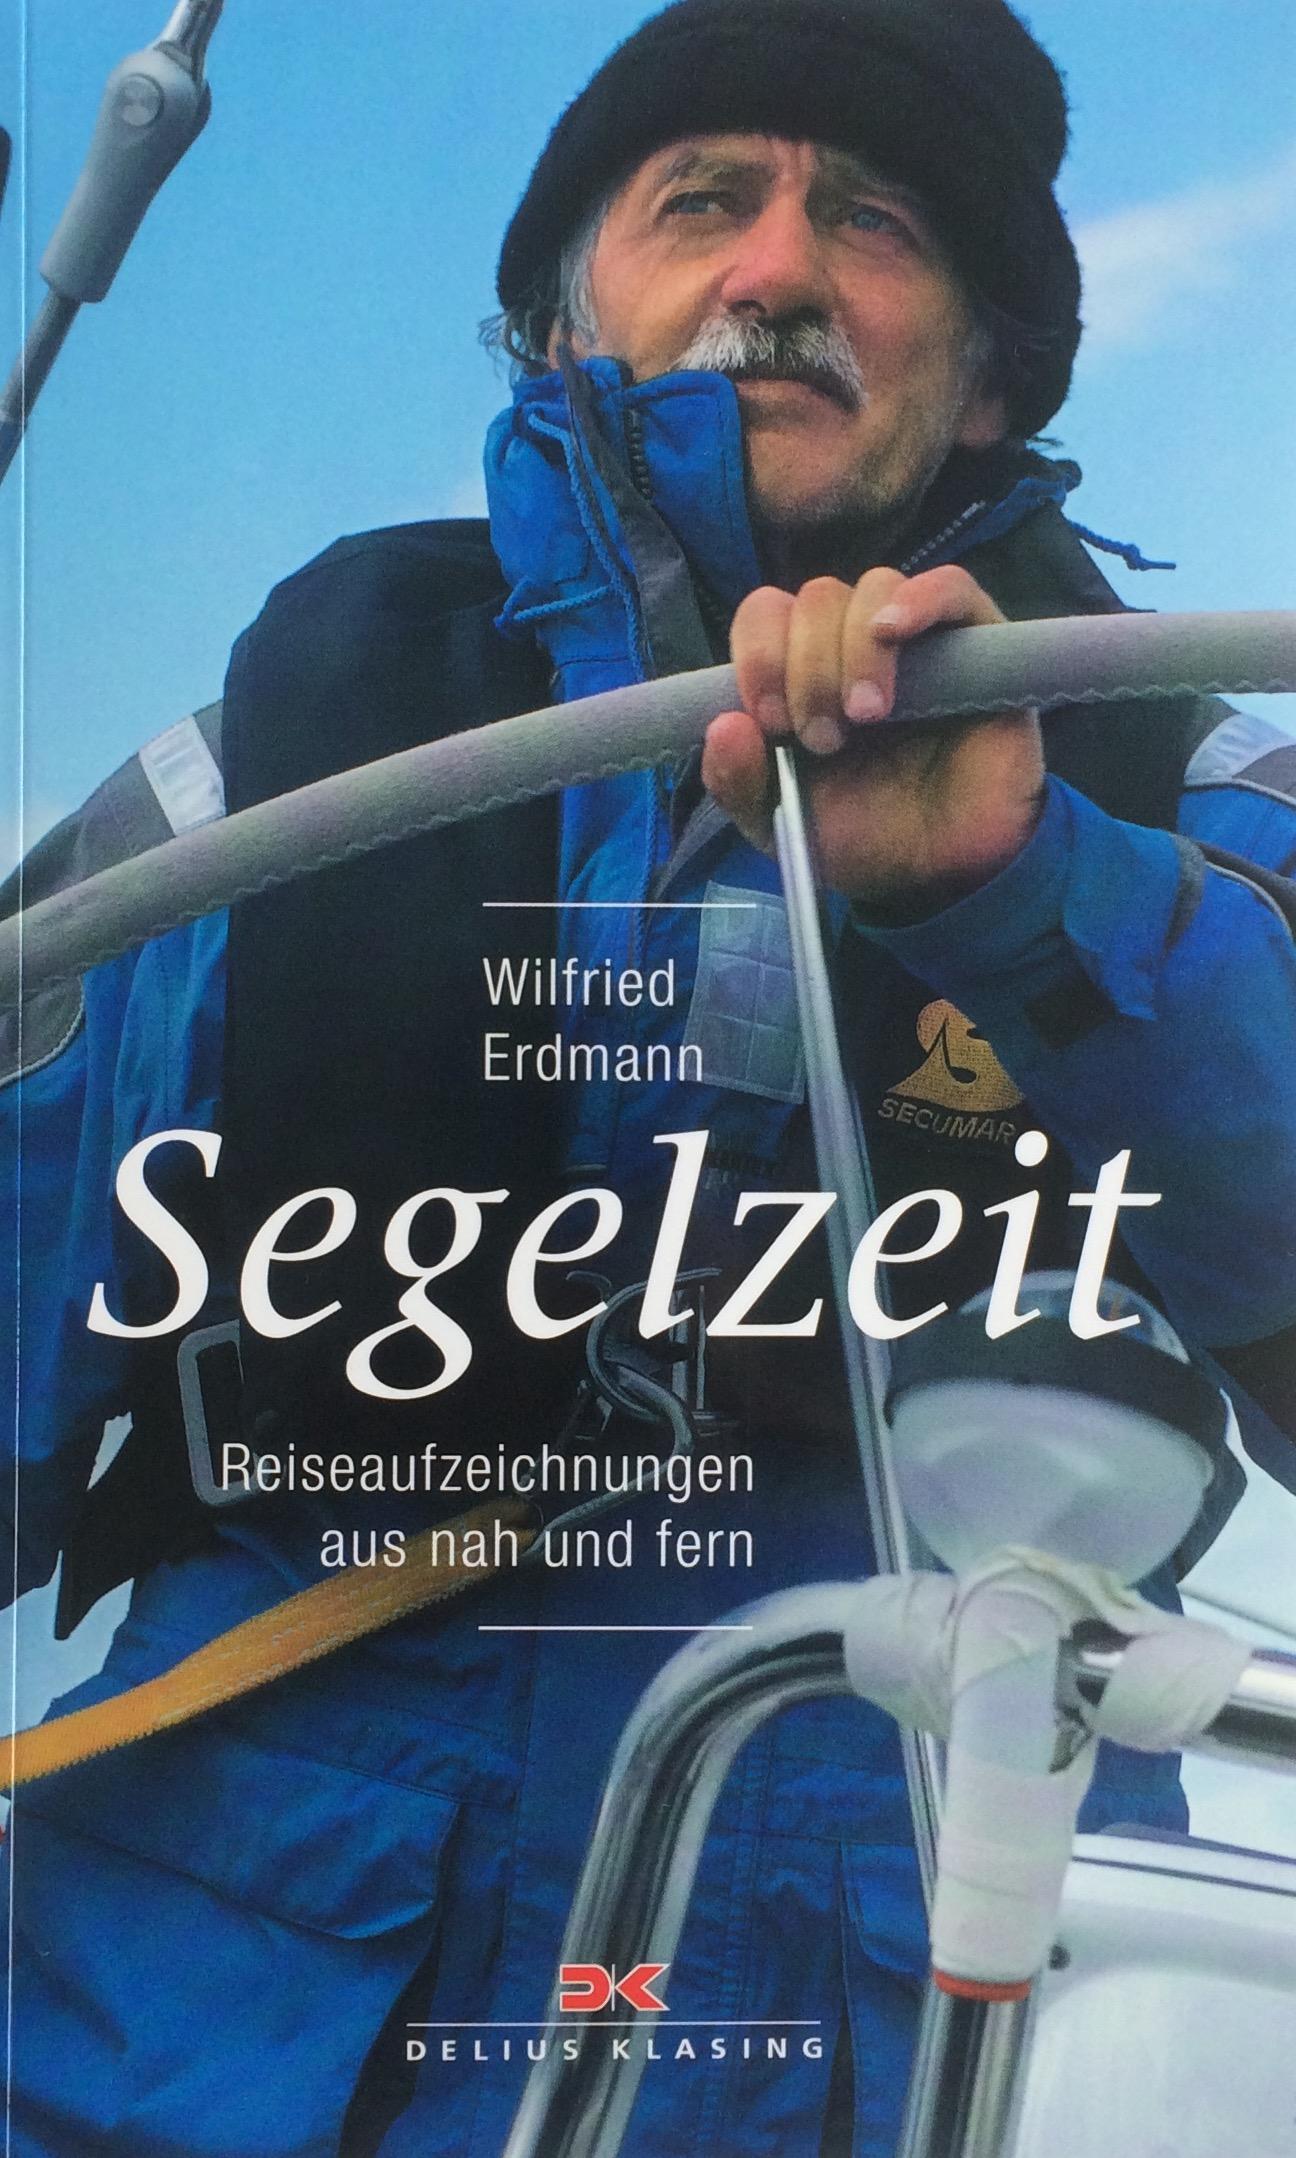 Seglerjahre, Segelzeit, Wilfried Erdmann